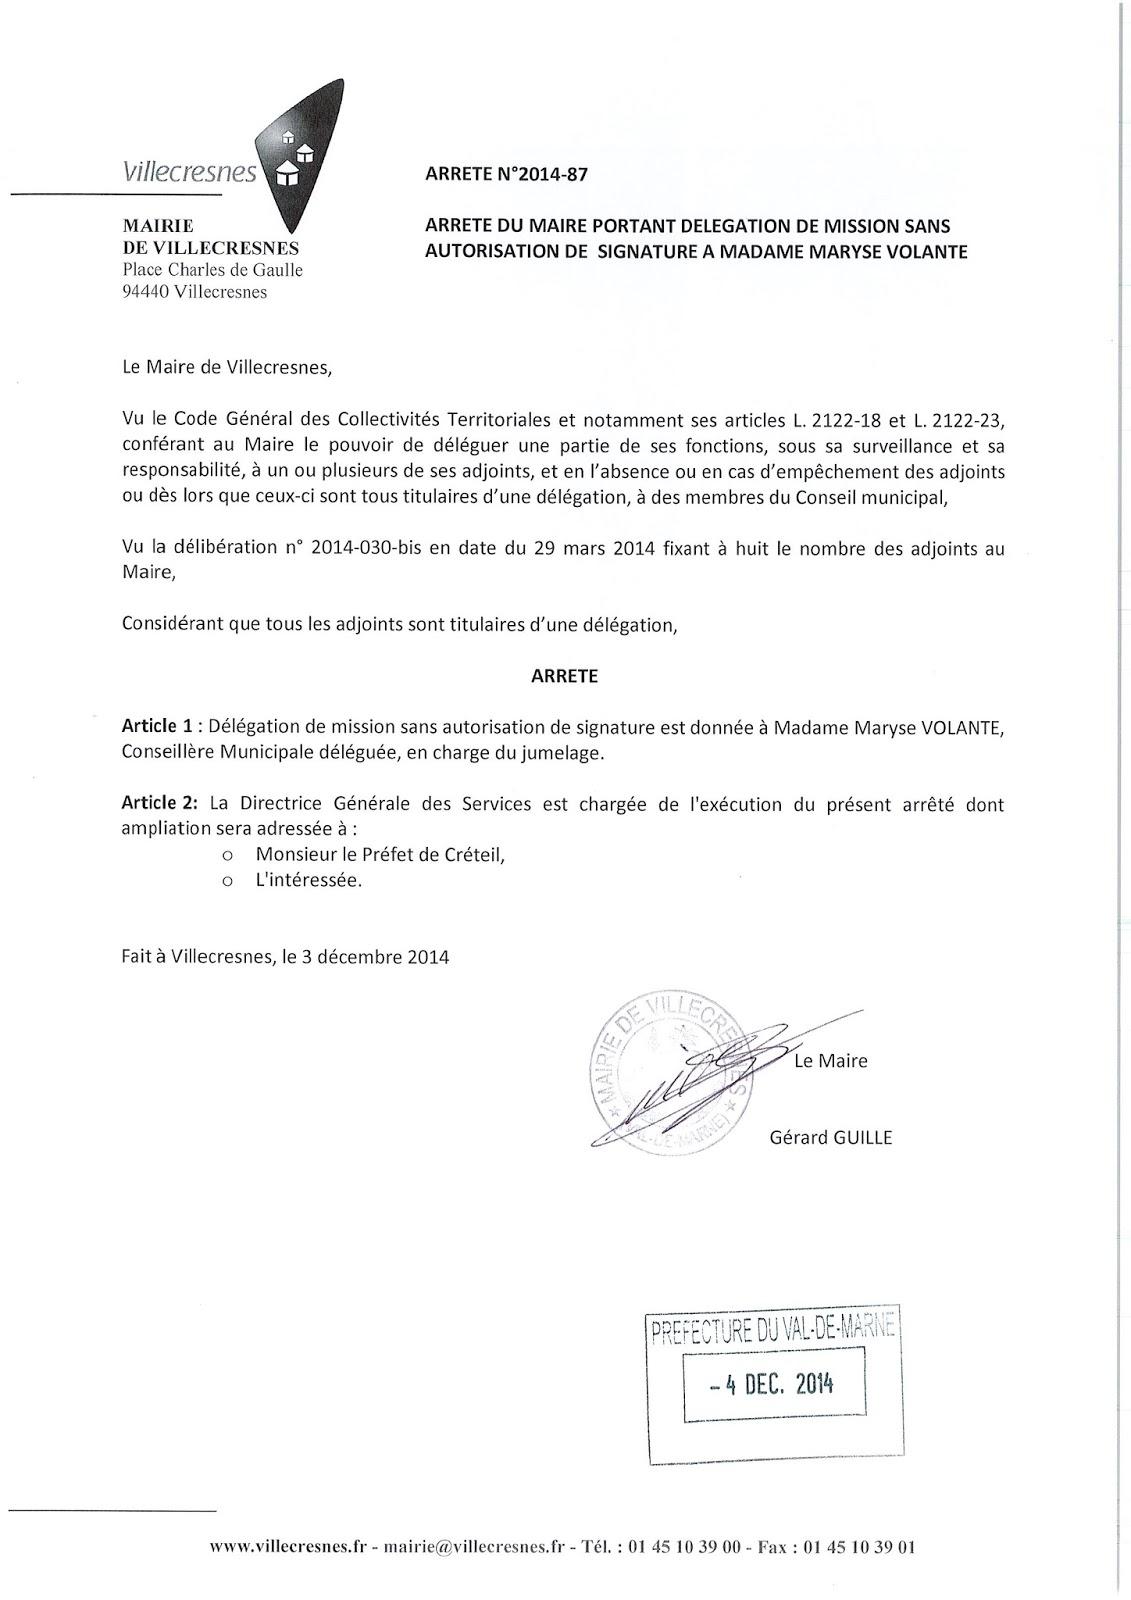 2014-087 Délégation de fonction mission sans autorisation de signature à Madame Maryse Volante